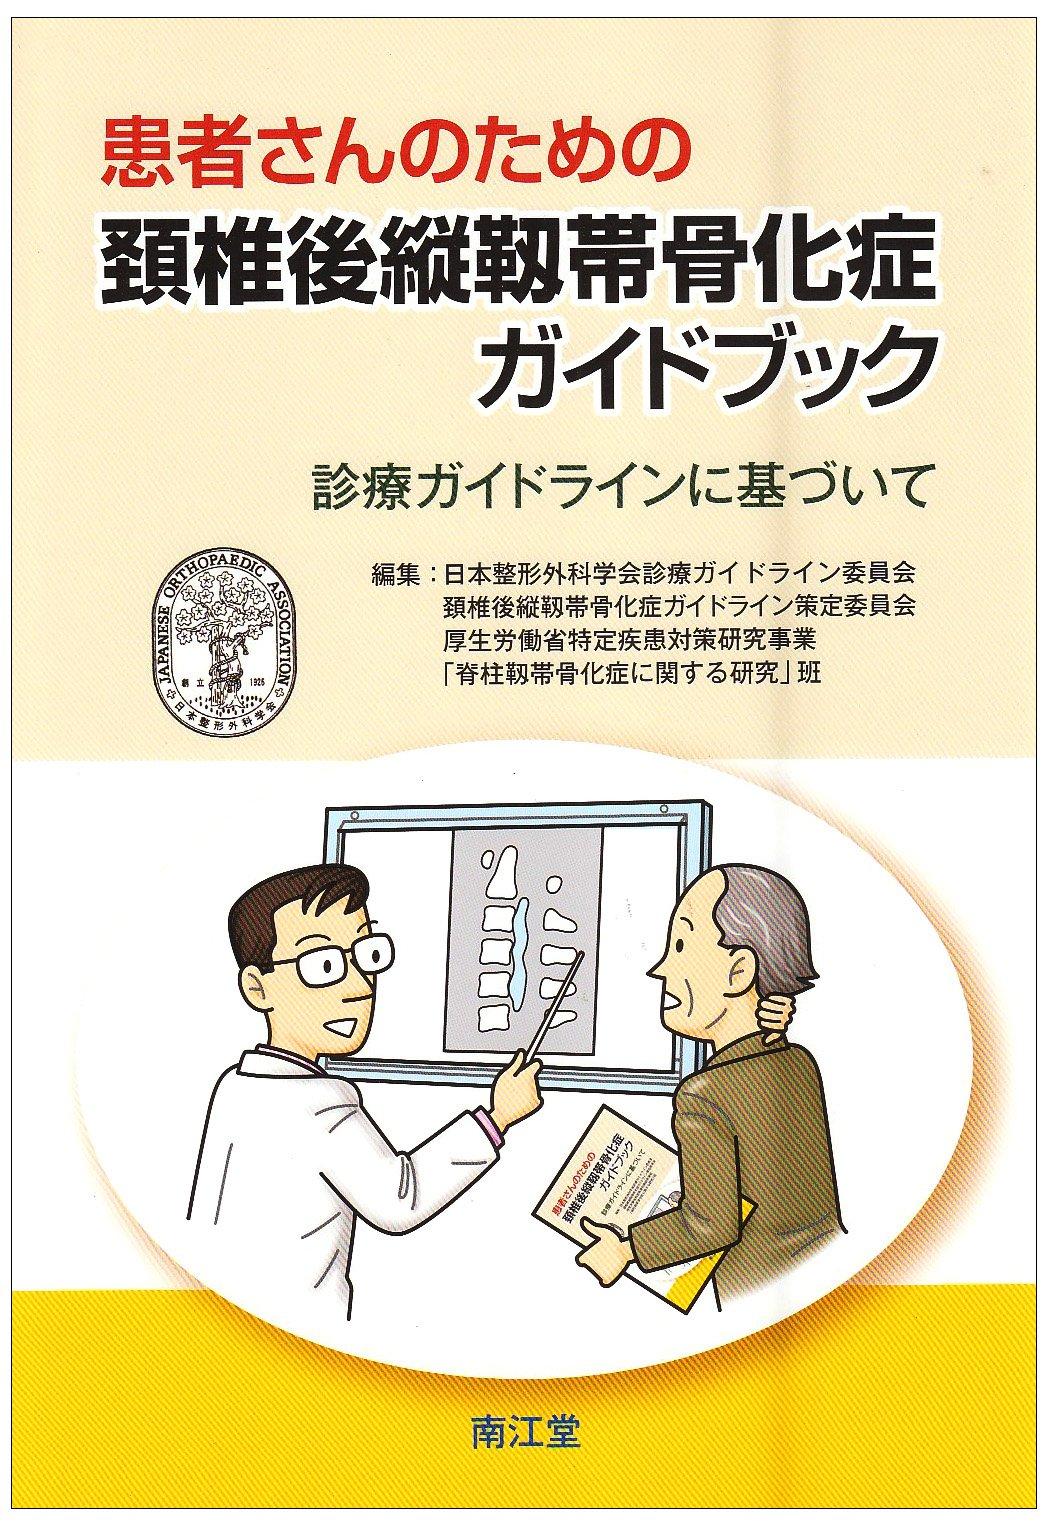 Download Kanjasan no tameno keitsui kōjū jintai kokkashō gaidobukku : Shinryō gaidorain ni motozuite. ebook